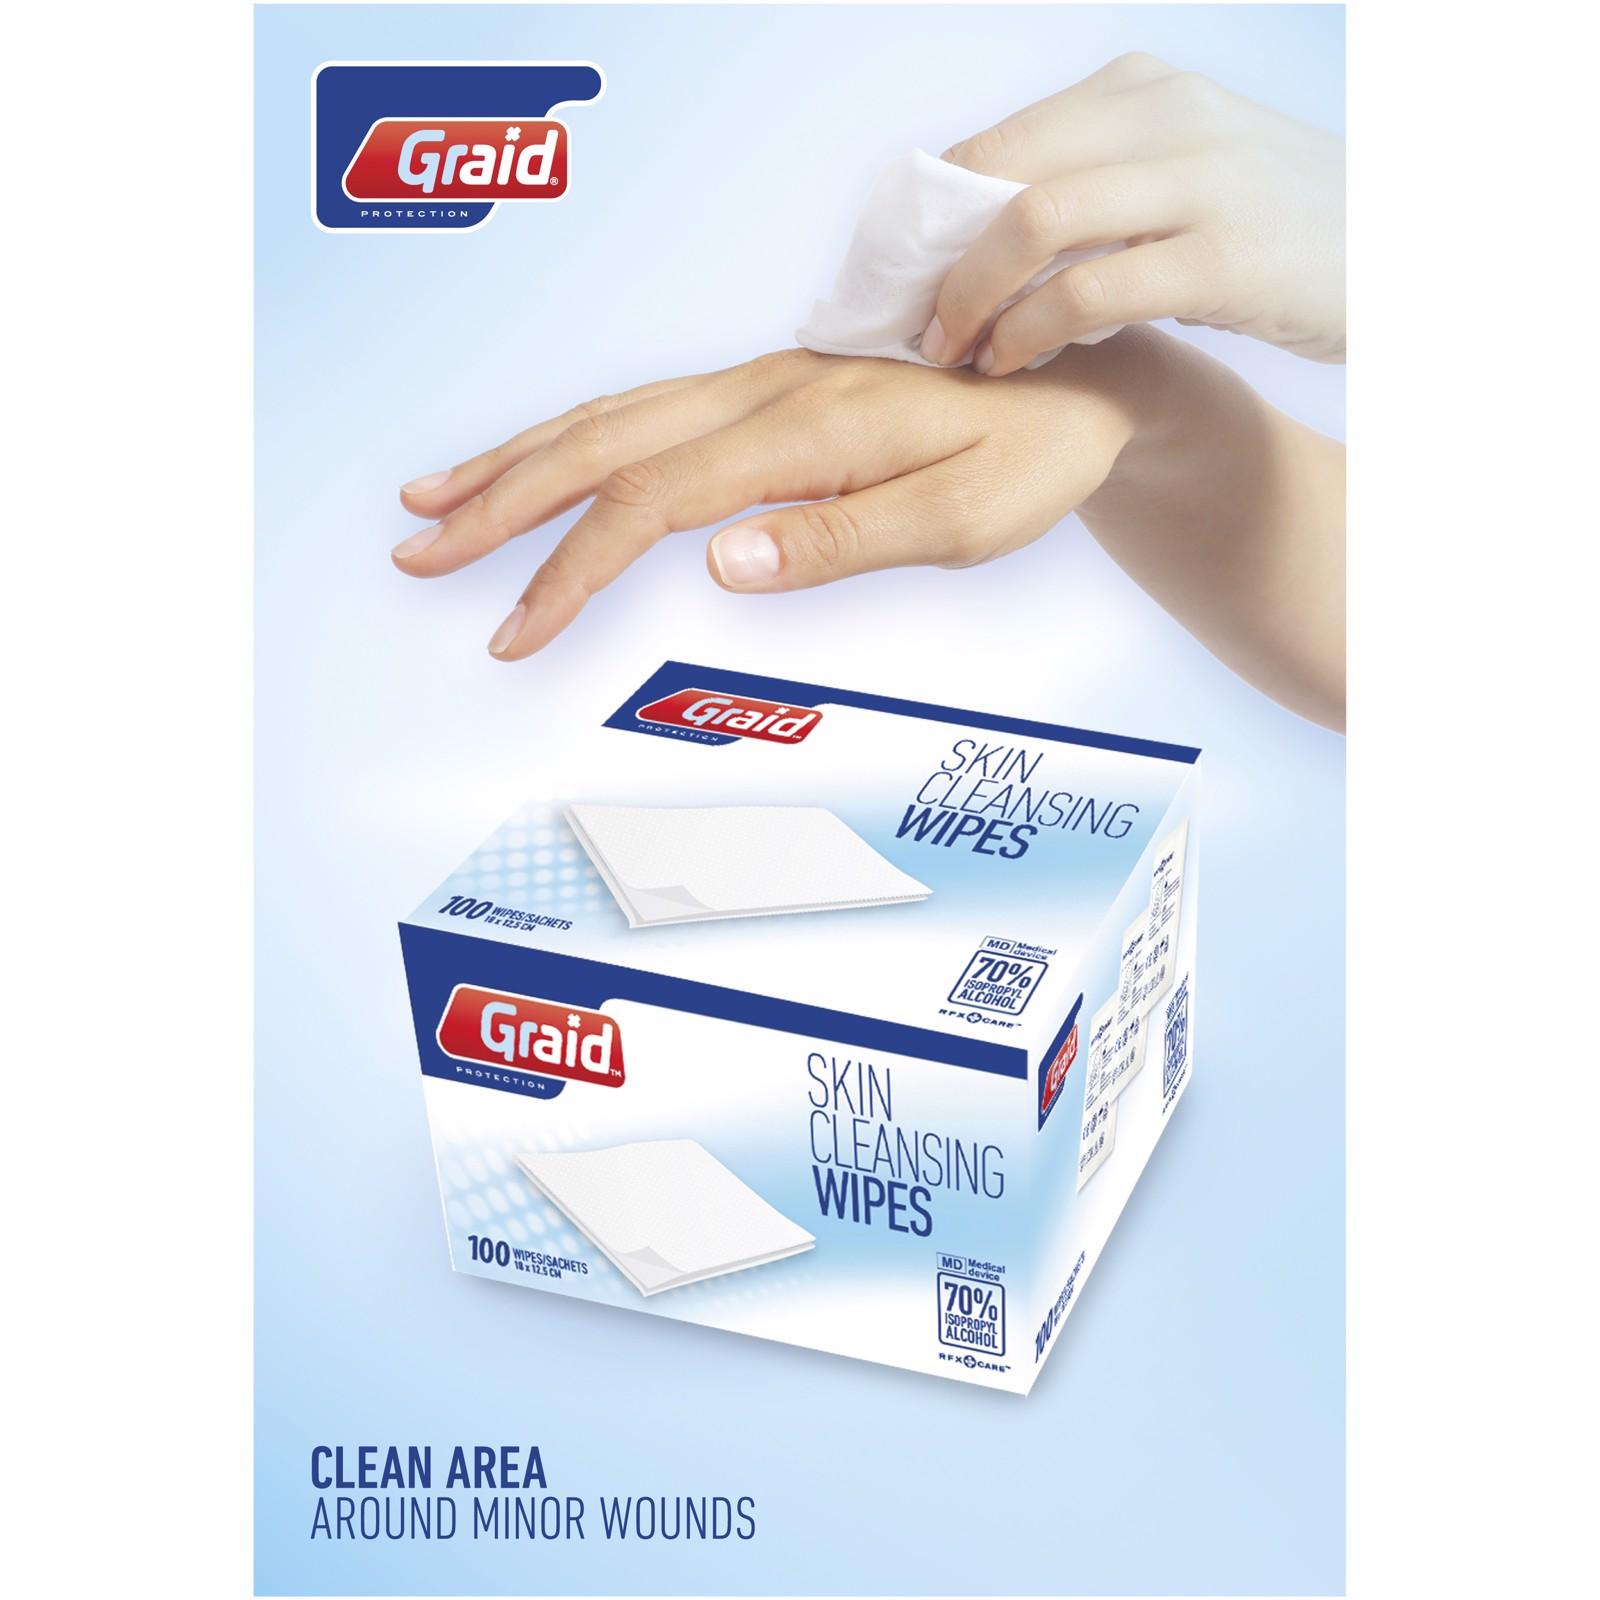 Elisabeth cleansing wipes